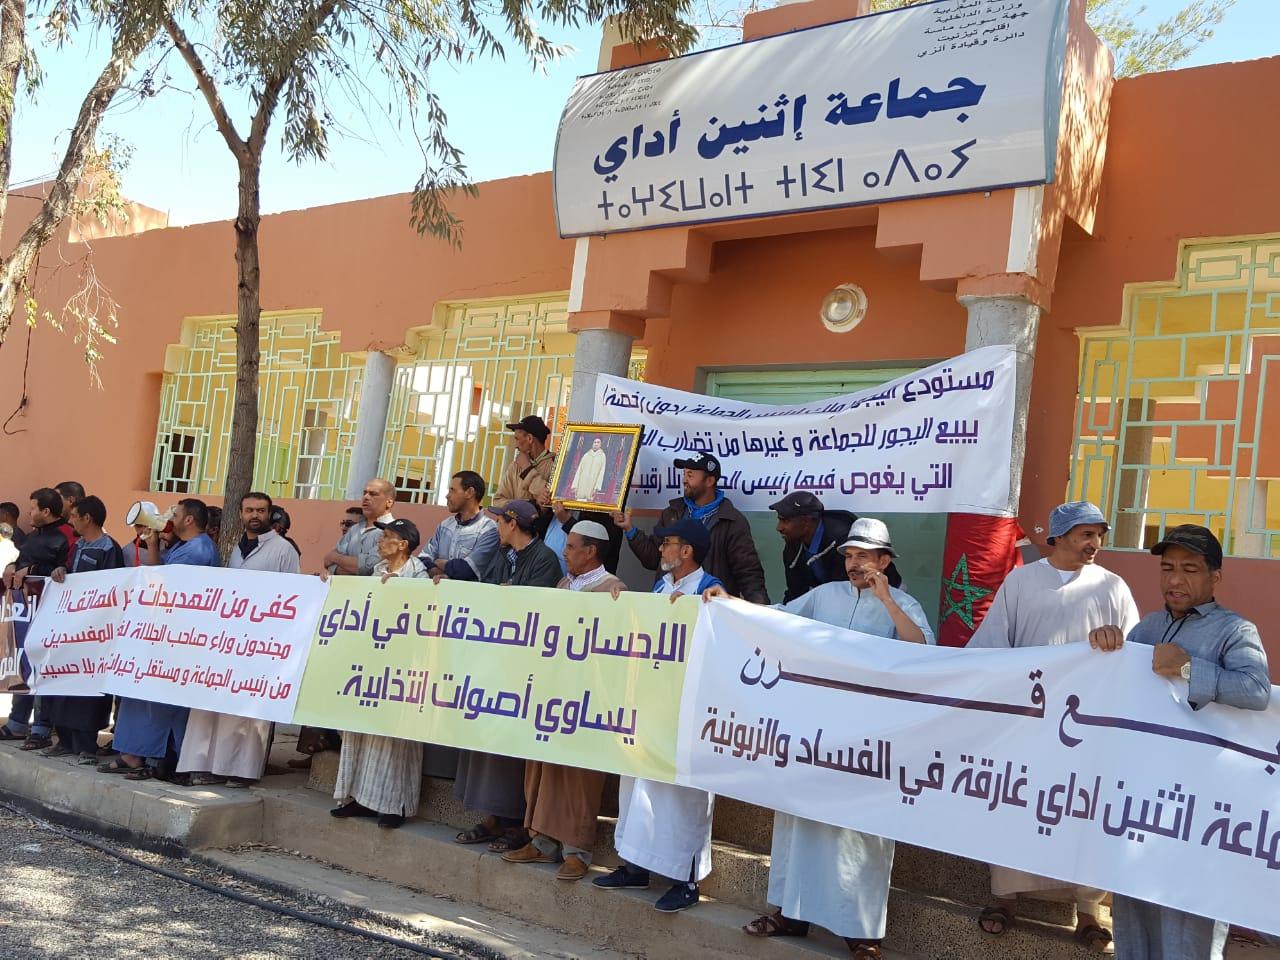 تيزنيت : احتجاج يطالب بالتحقيق في التسيير بجماعة إثنين أداي